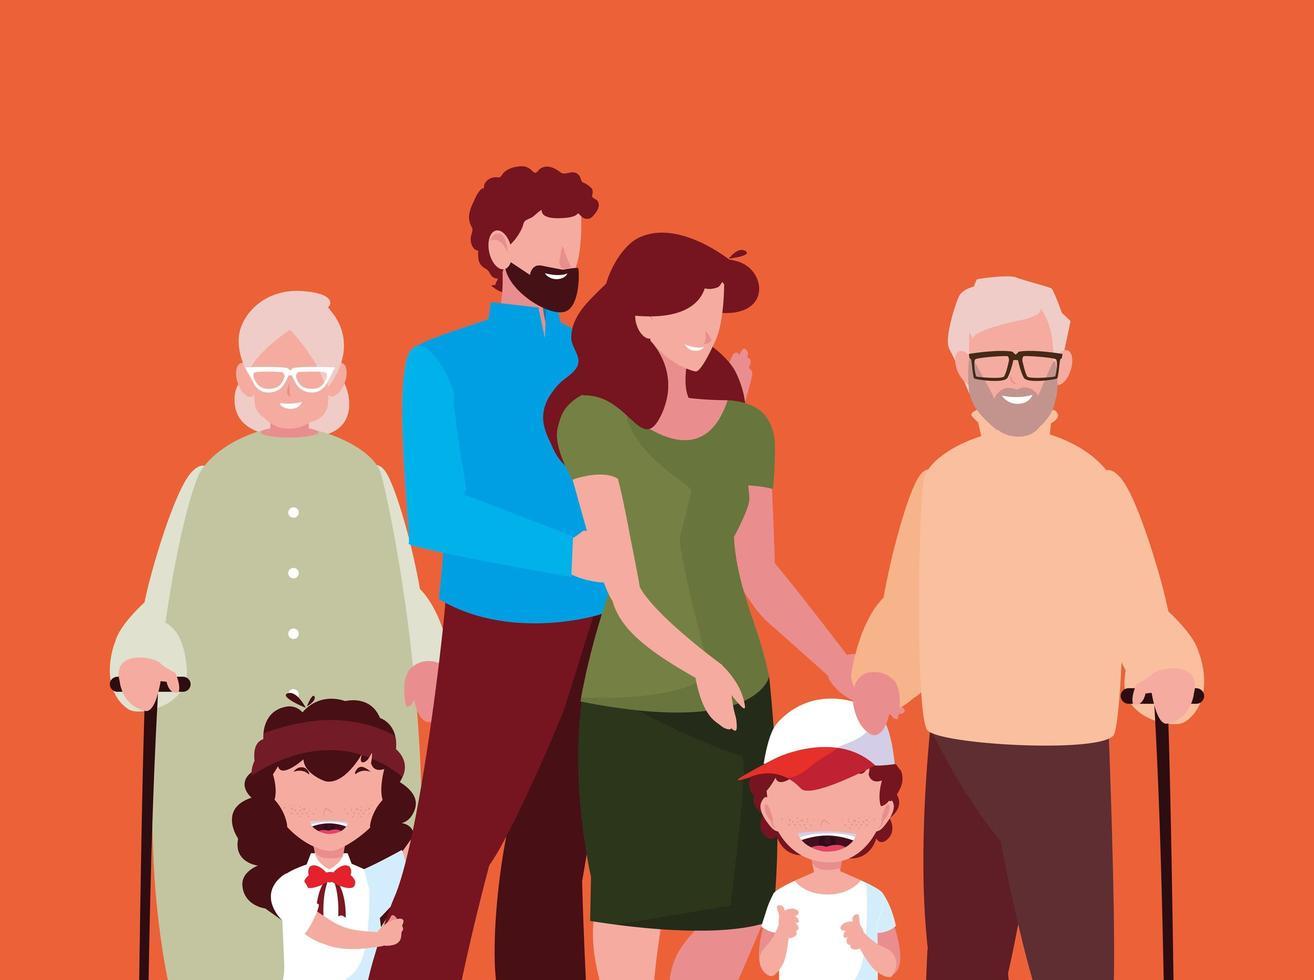 karakters van familieleden vector